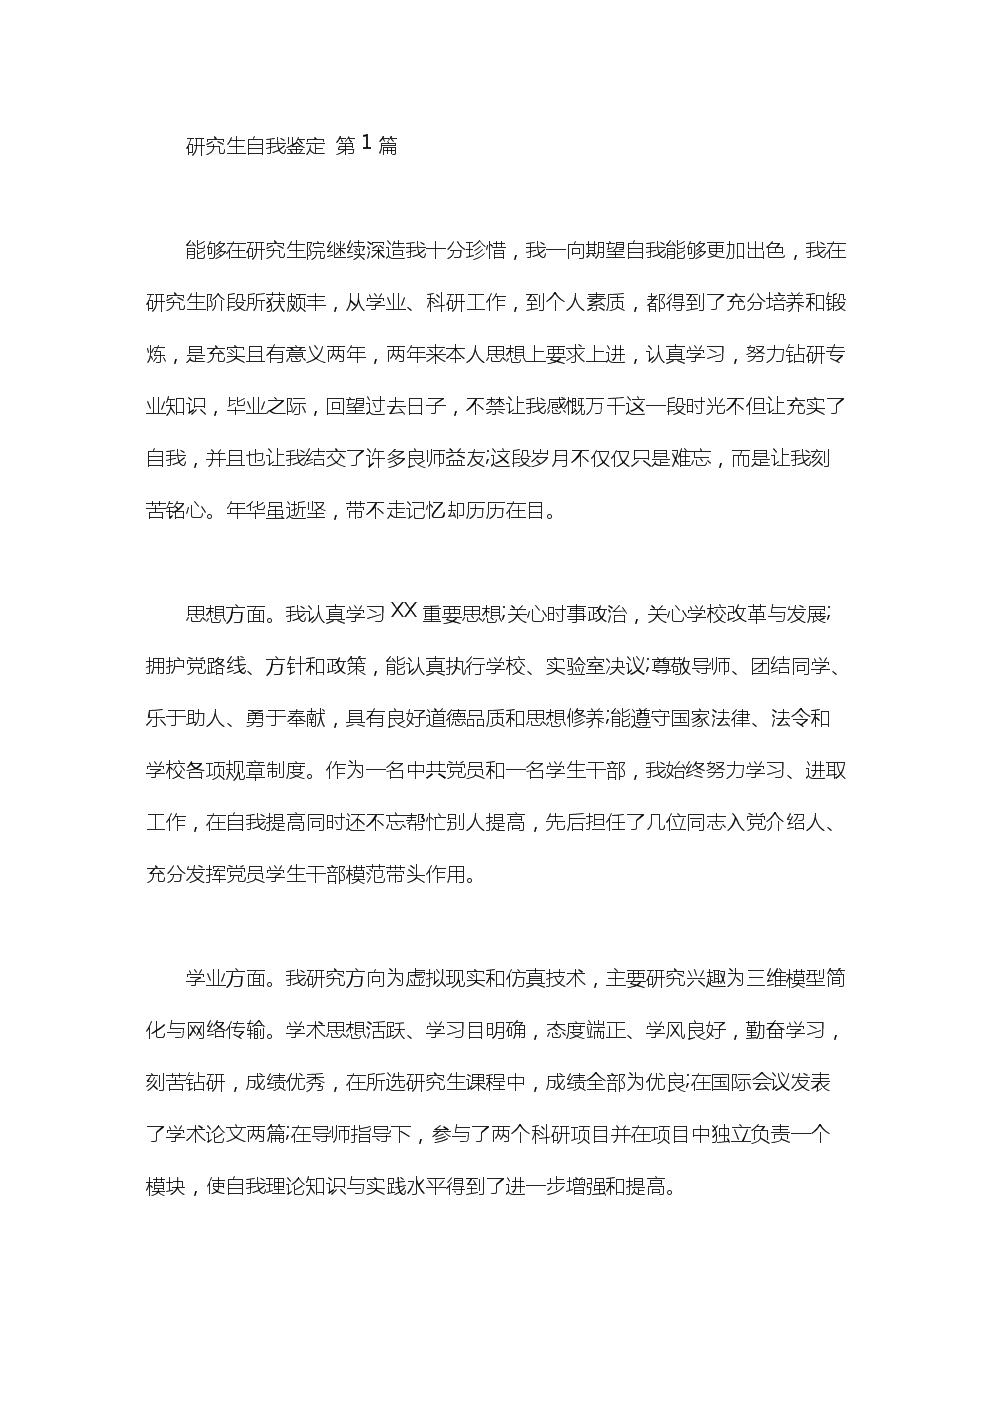 研究生自我鉴定(20篇汇总).doc